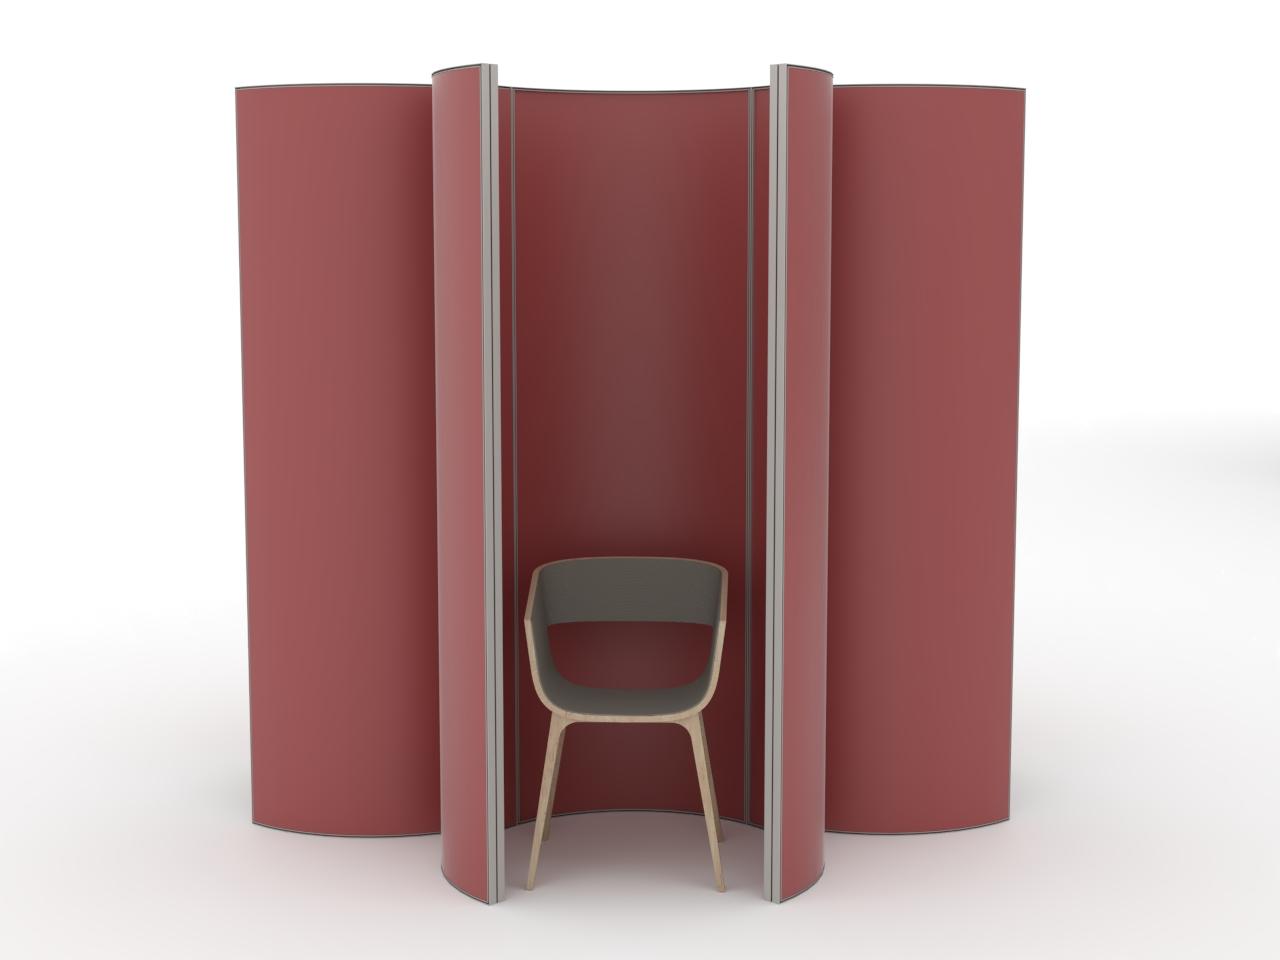 Mobile einzel Trennwand Kabine für Praxis oder Büro